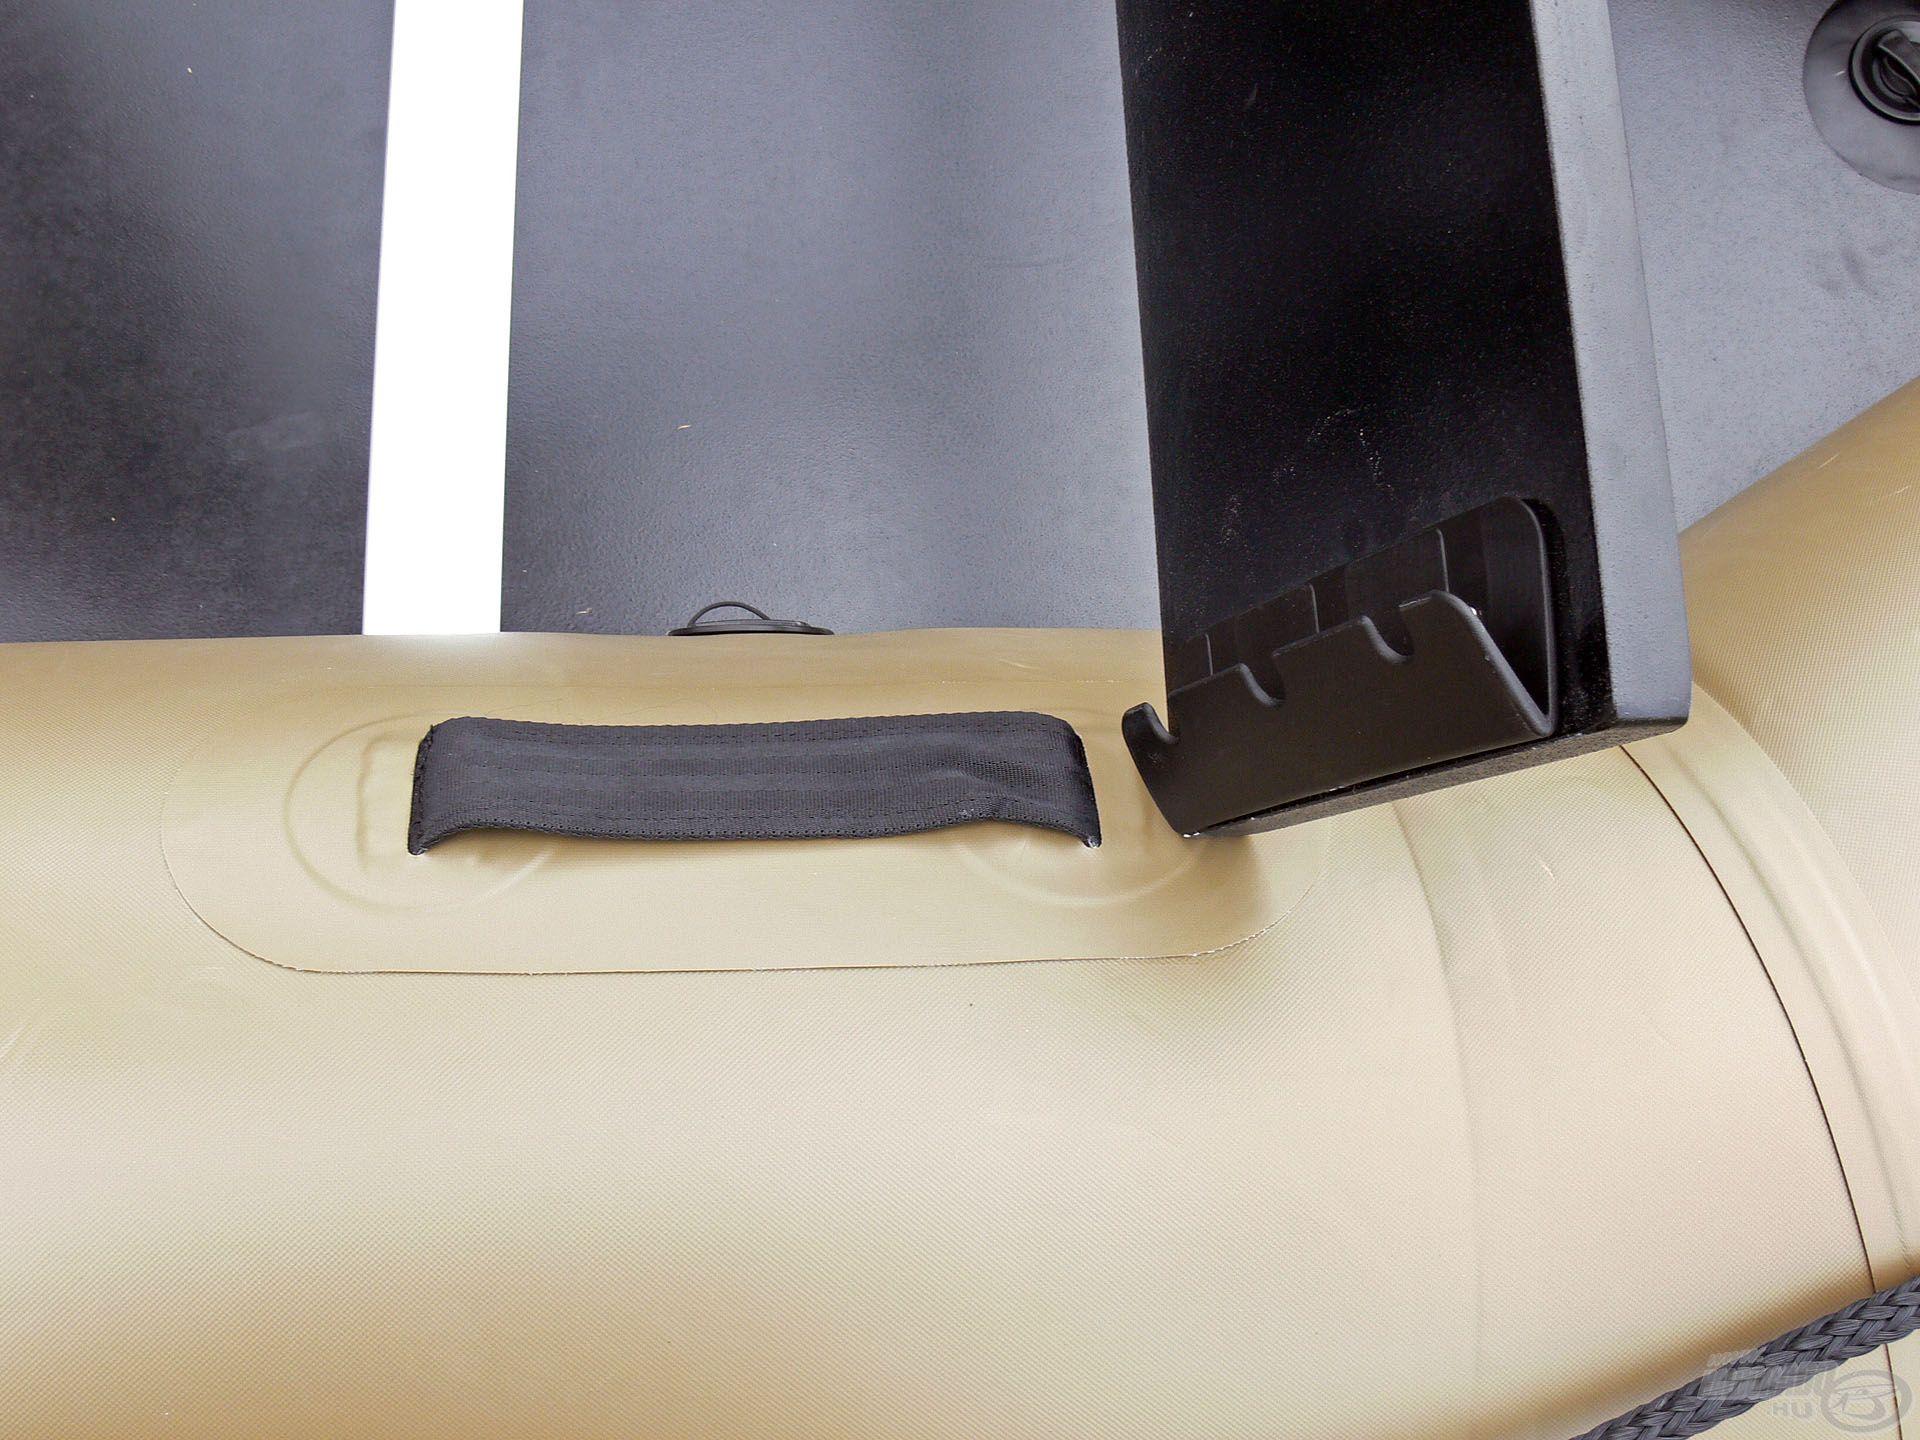 A csónakhoz jár 1 db pad, melyet az erre kialakított gumírozott fülbe lehet beakasztani